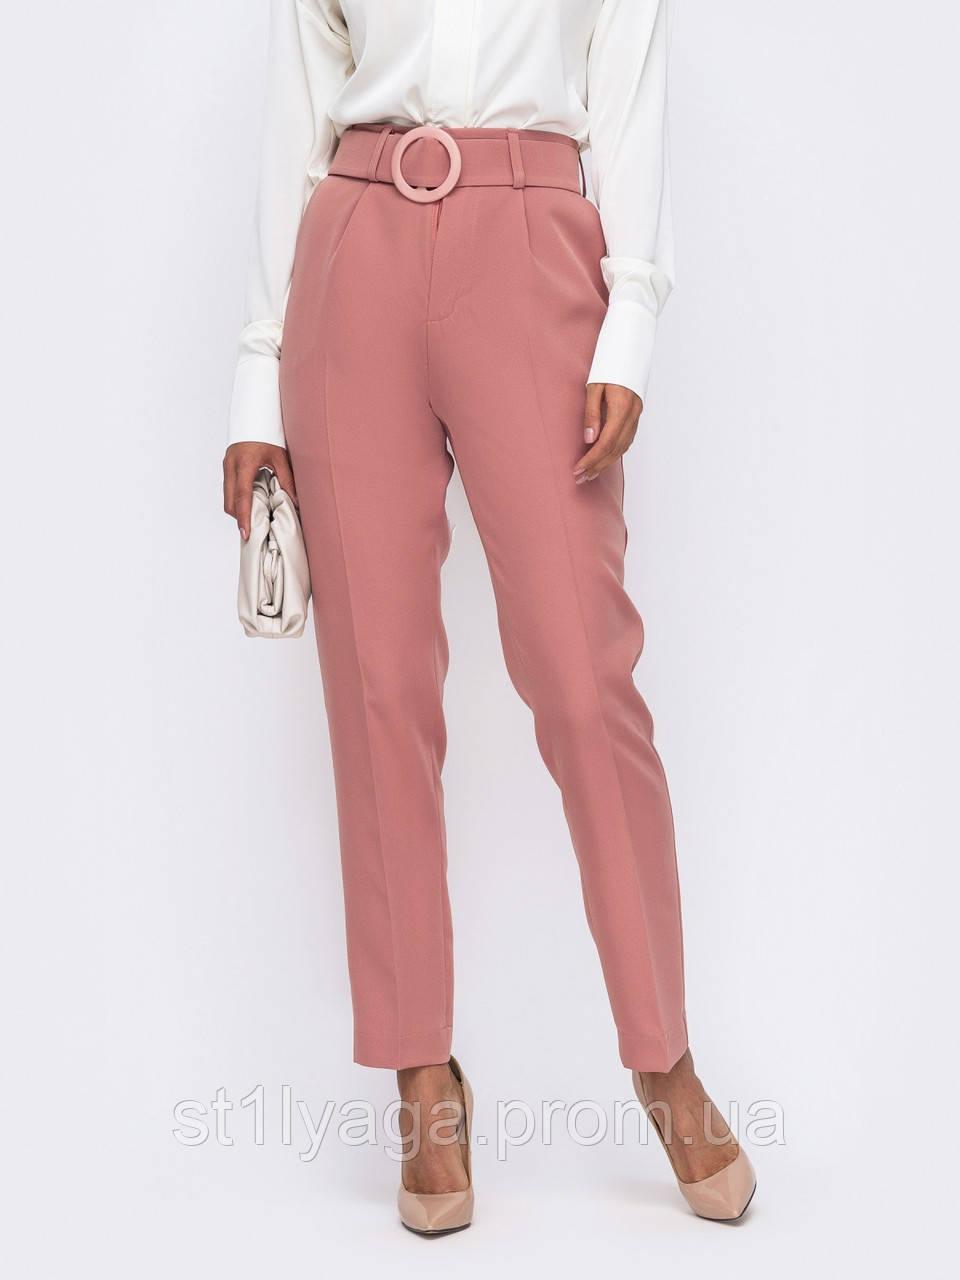 Зауженные брюки с высокой посадкой и  поясом в комплекте